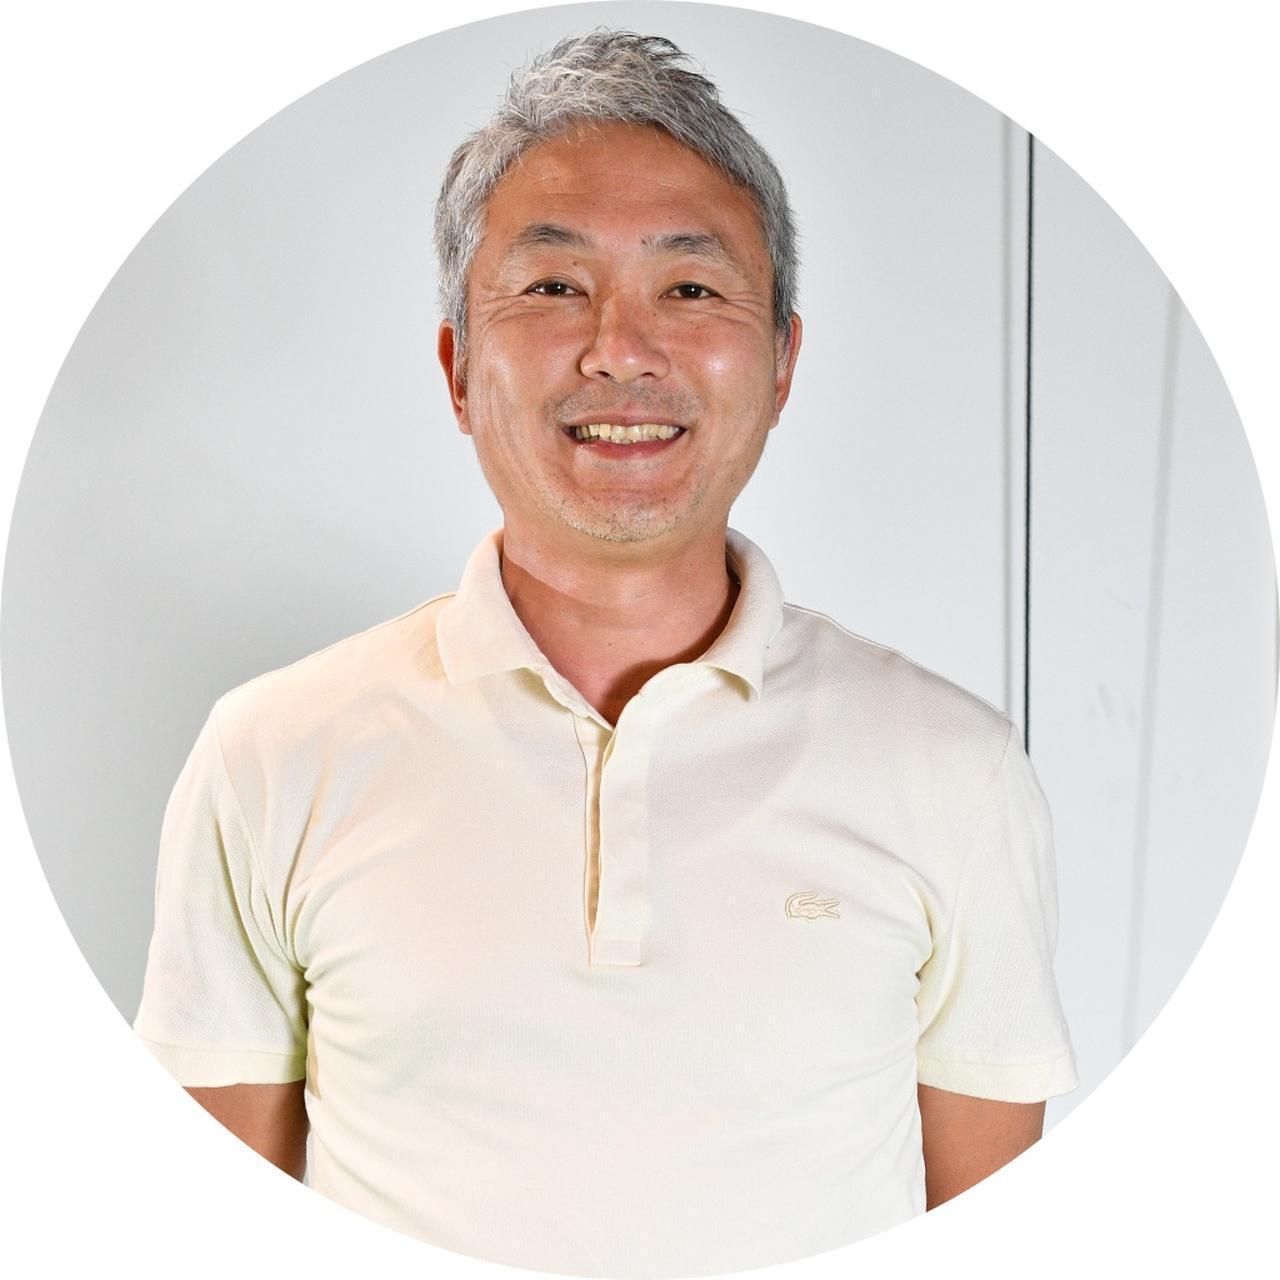 画像: 【教わる人】松村 聡さん 44歳/ゴルフ歴20年、平均スコア95